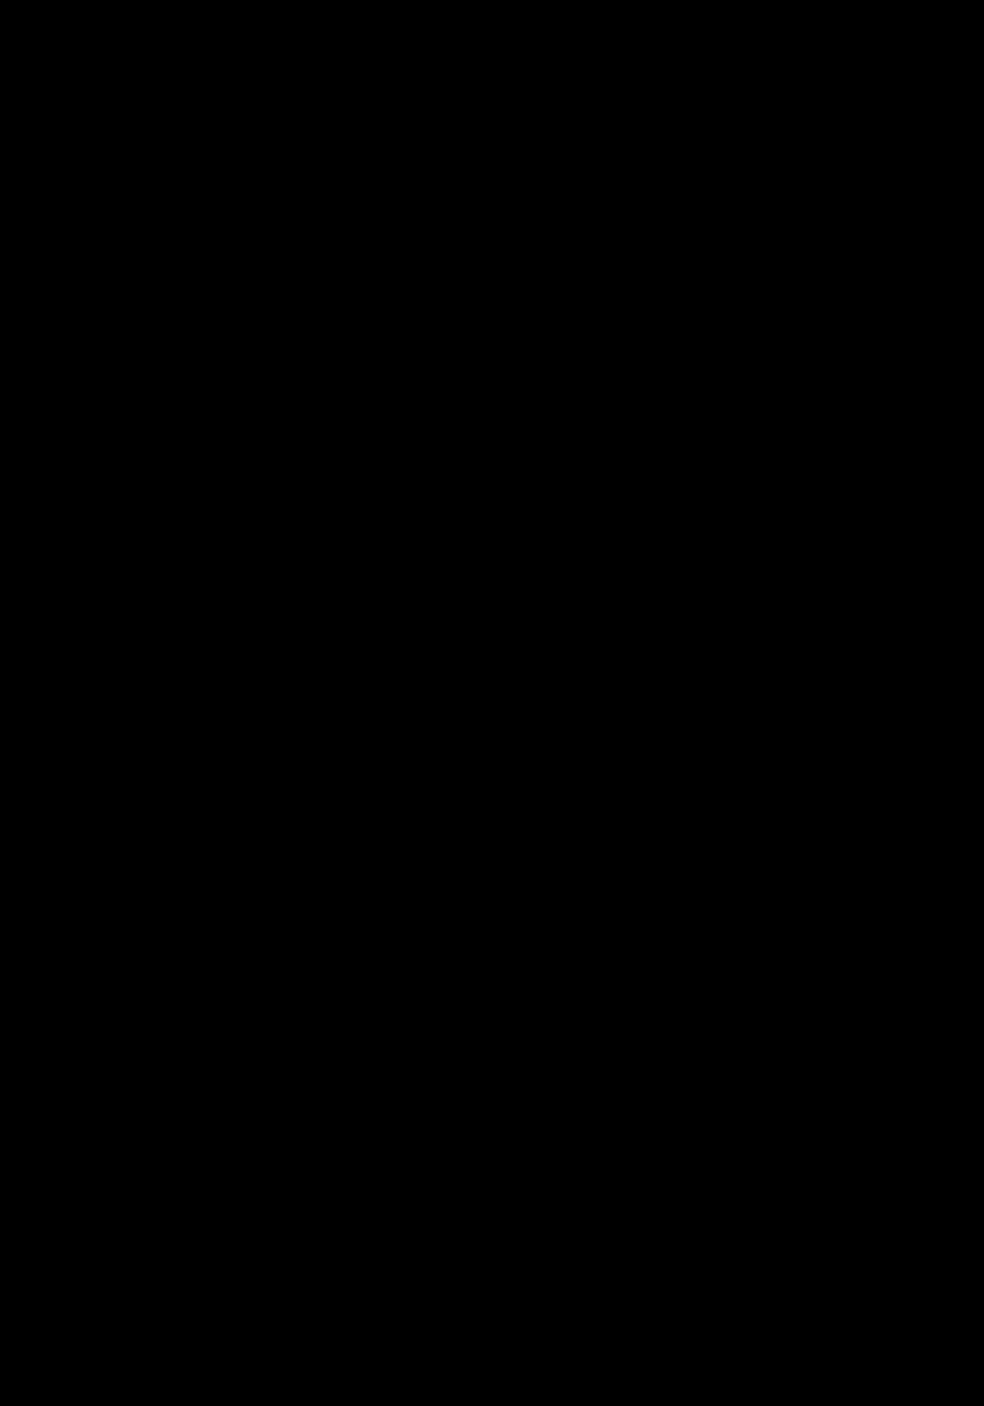 艶 B 大かな BTU-KL 横組見本